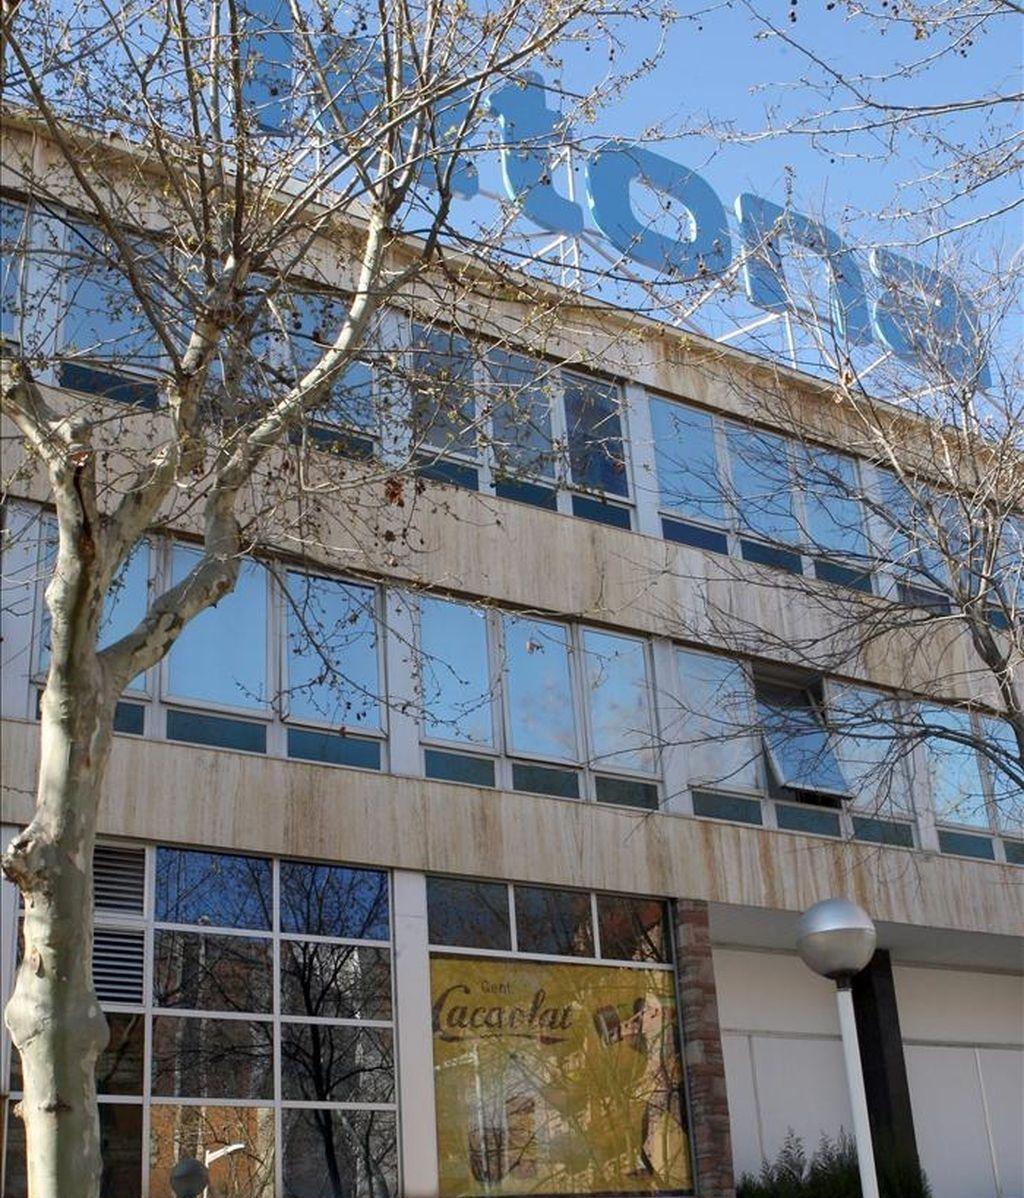 Vista de la fachada de la empresa Cacaolat de Barcelona. EFE/Archivo